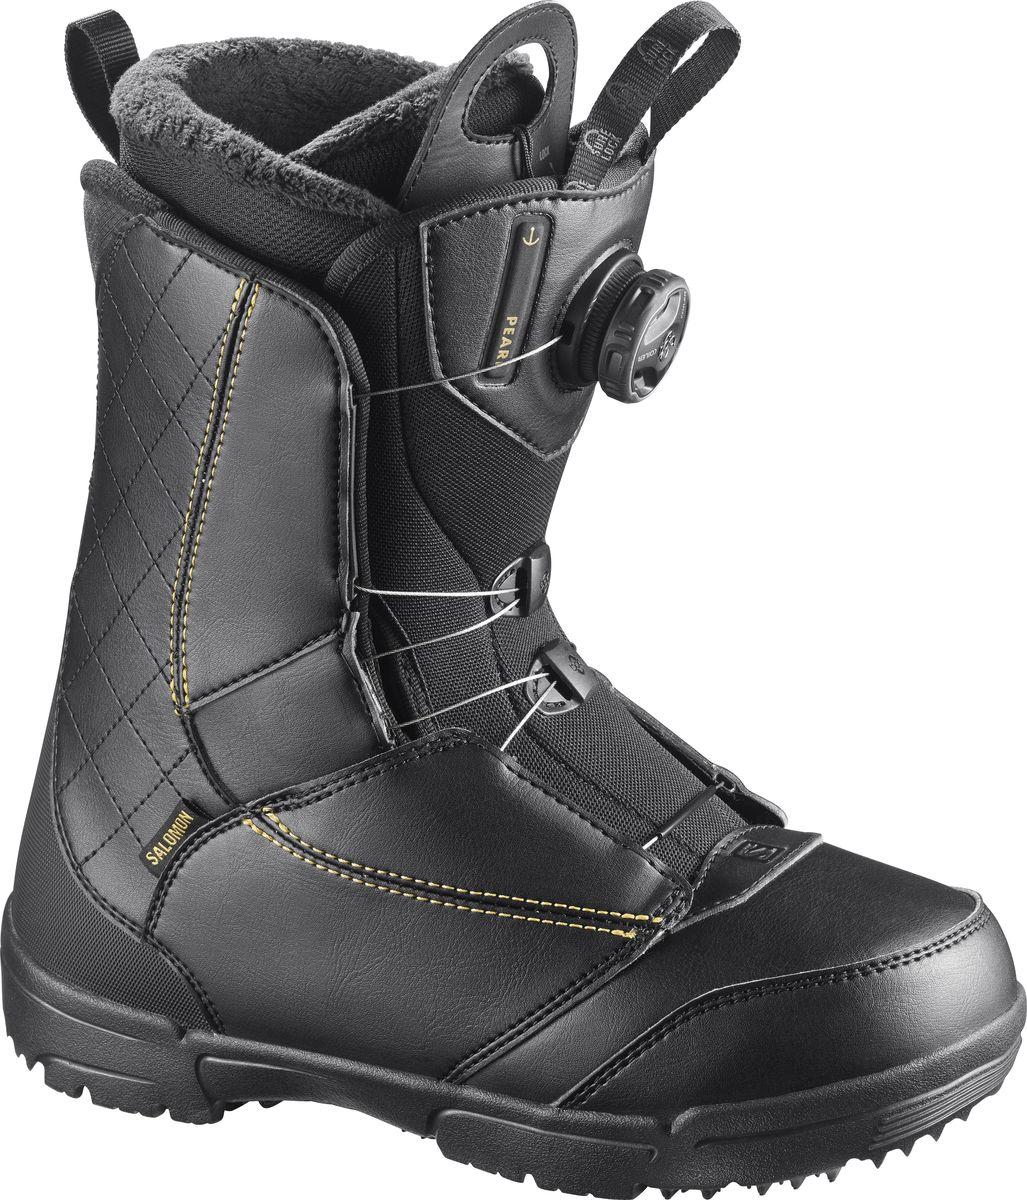 Ботинки для сноуборда Salomon Pearl Boa, цвет: черный, золотистый. Размер 26 (39,5)L39868900Простые, быстрые, женственные - Pearl BOA отличаются потрясающим утеплением, посадкой и долговечностью.